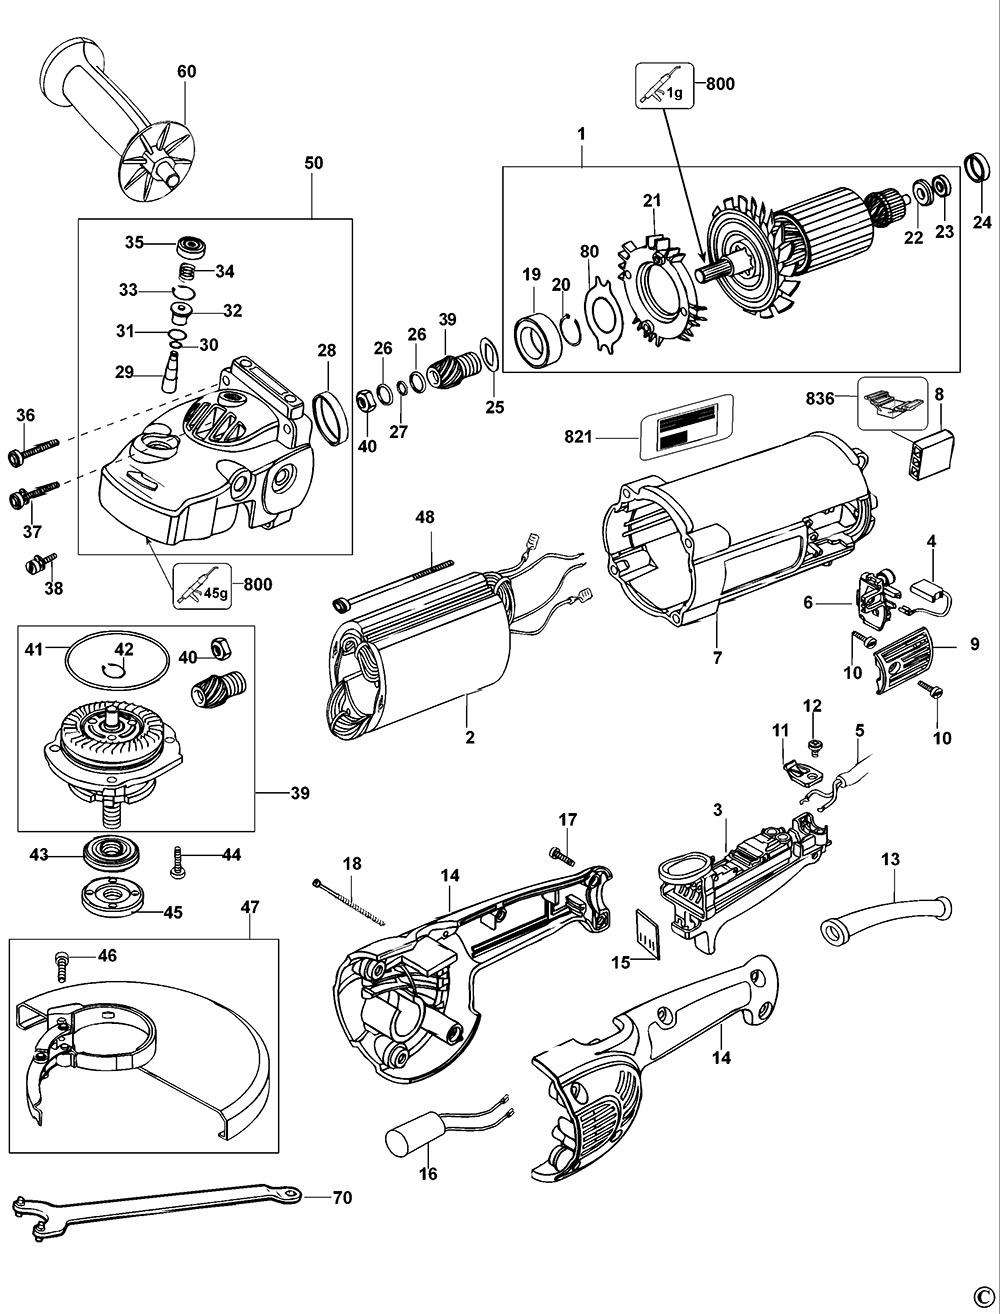 Dewalt D28415 Type 1 Angle Grinder Spare Parts Part Shop